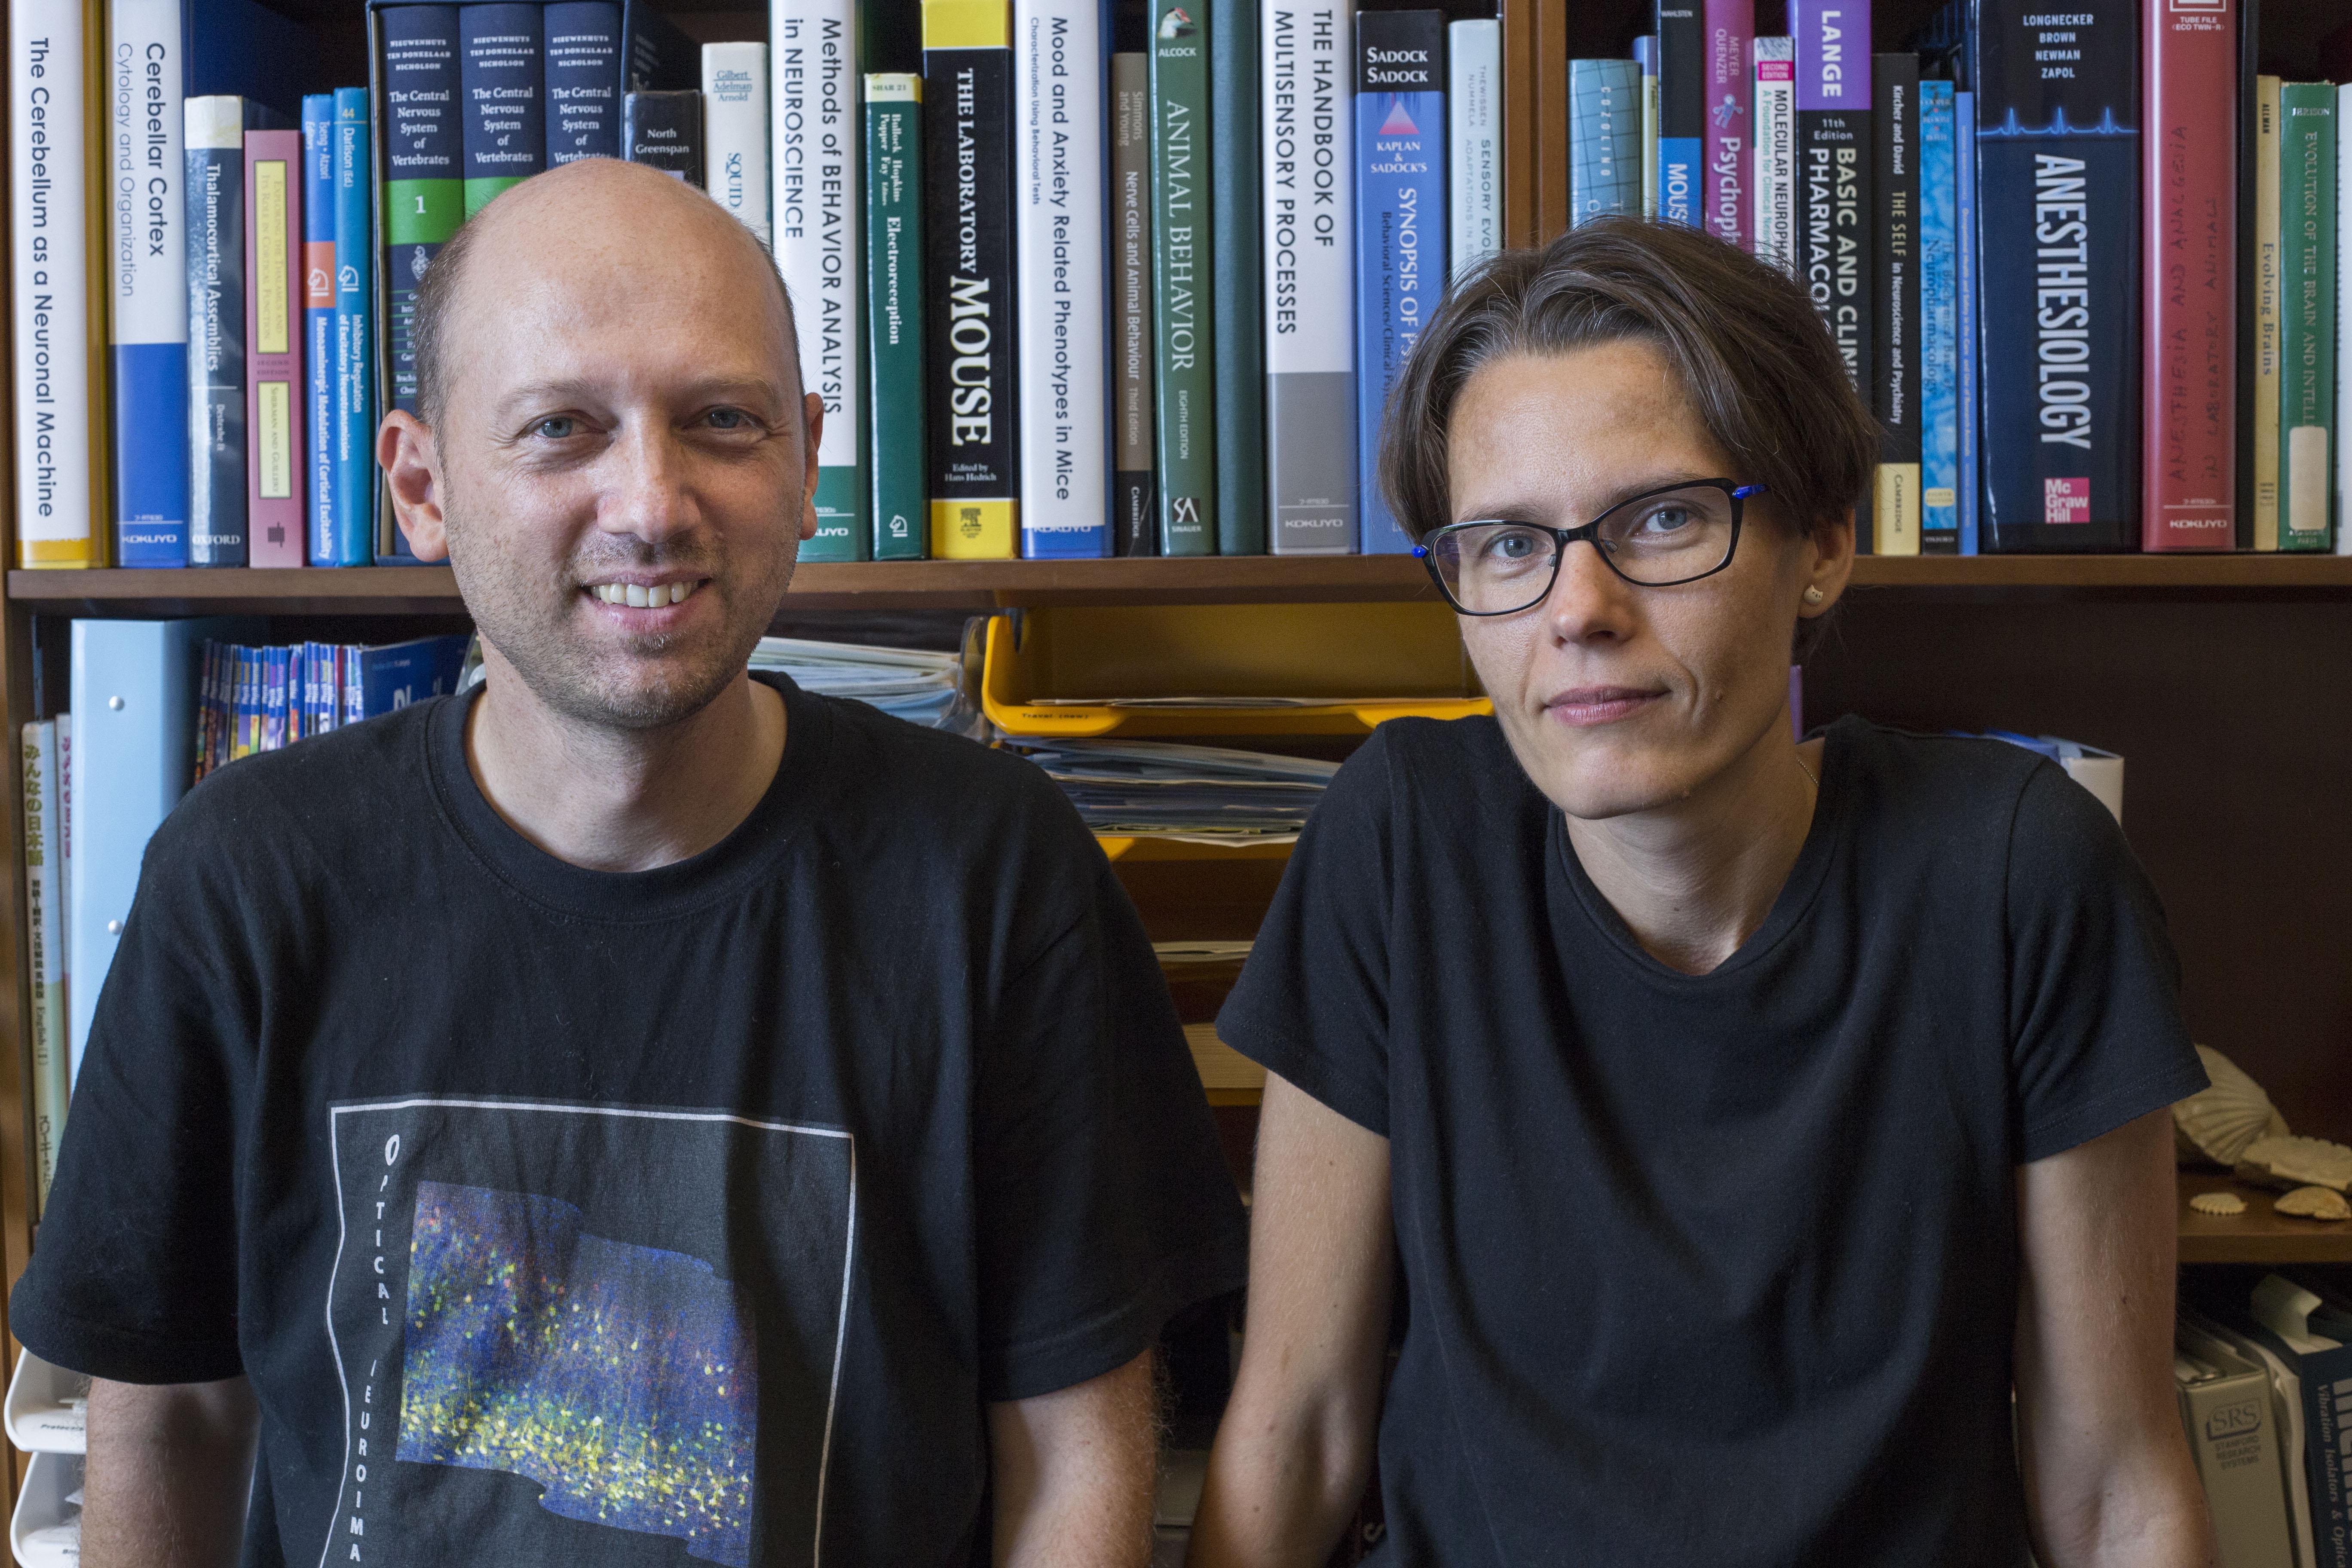 ベアン・クン准教授とシギタ・オーガスティネイト研究員